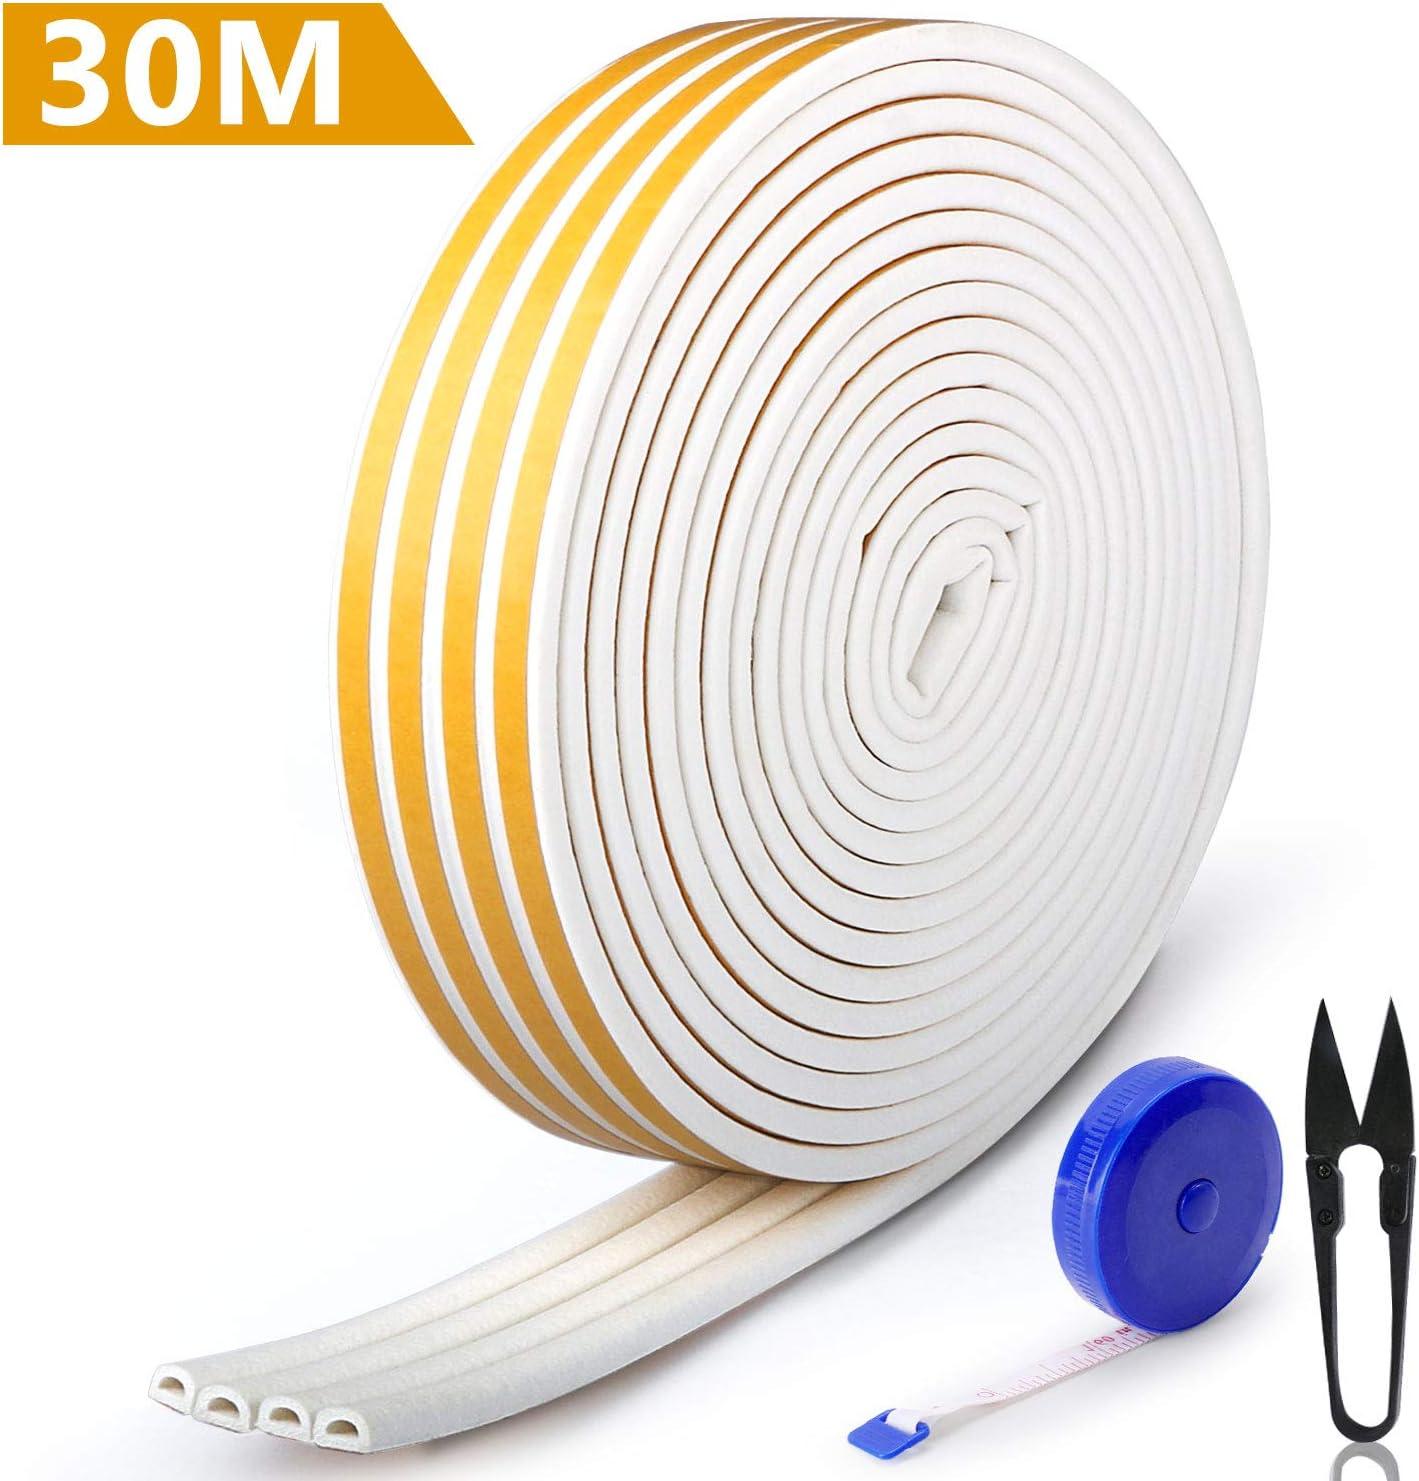 RATEL Tira de Sellado Junta de 30 m(4 x 7.5 m), Goma burlete para Puerta Ventana Antigolpes Resistente al Agua Autoadhesiva con 1 tijera y 1 cinta métrica para bloquear grietas y huecos (blanco)